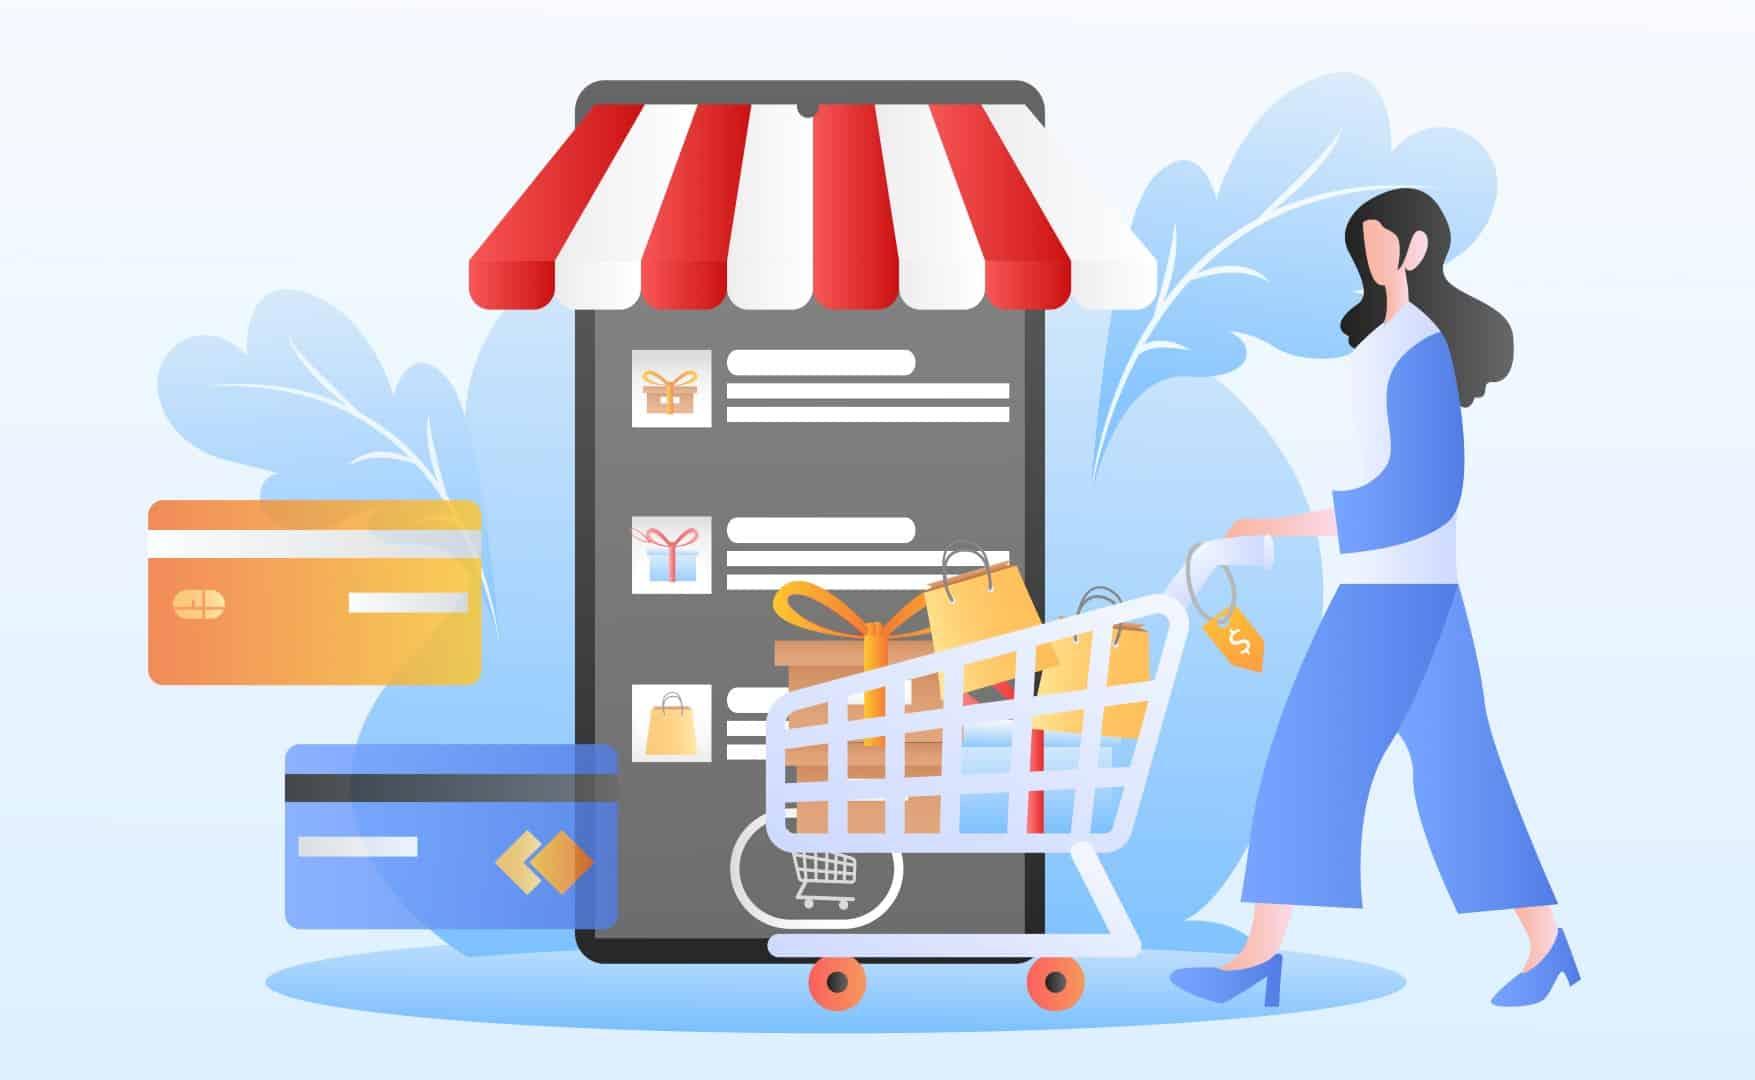 איך חנות וירטואלית תגדיל את מכירות העסק?